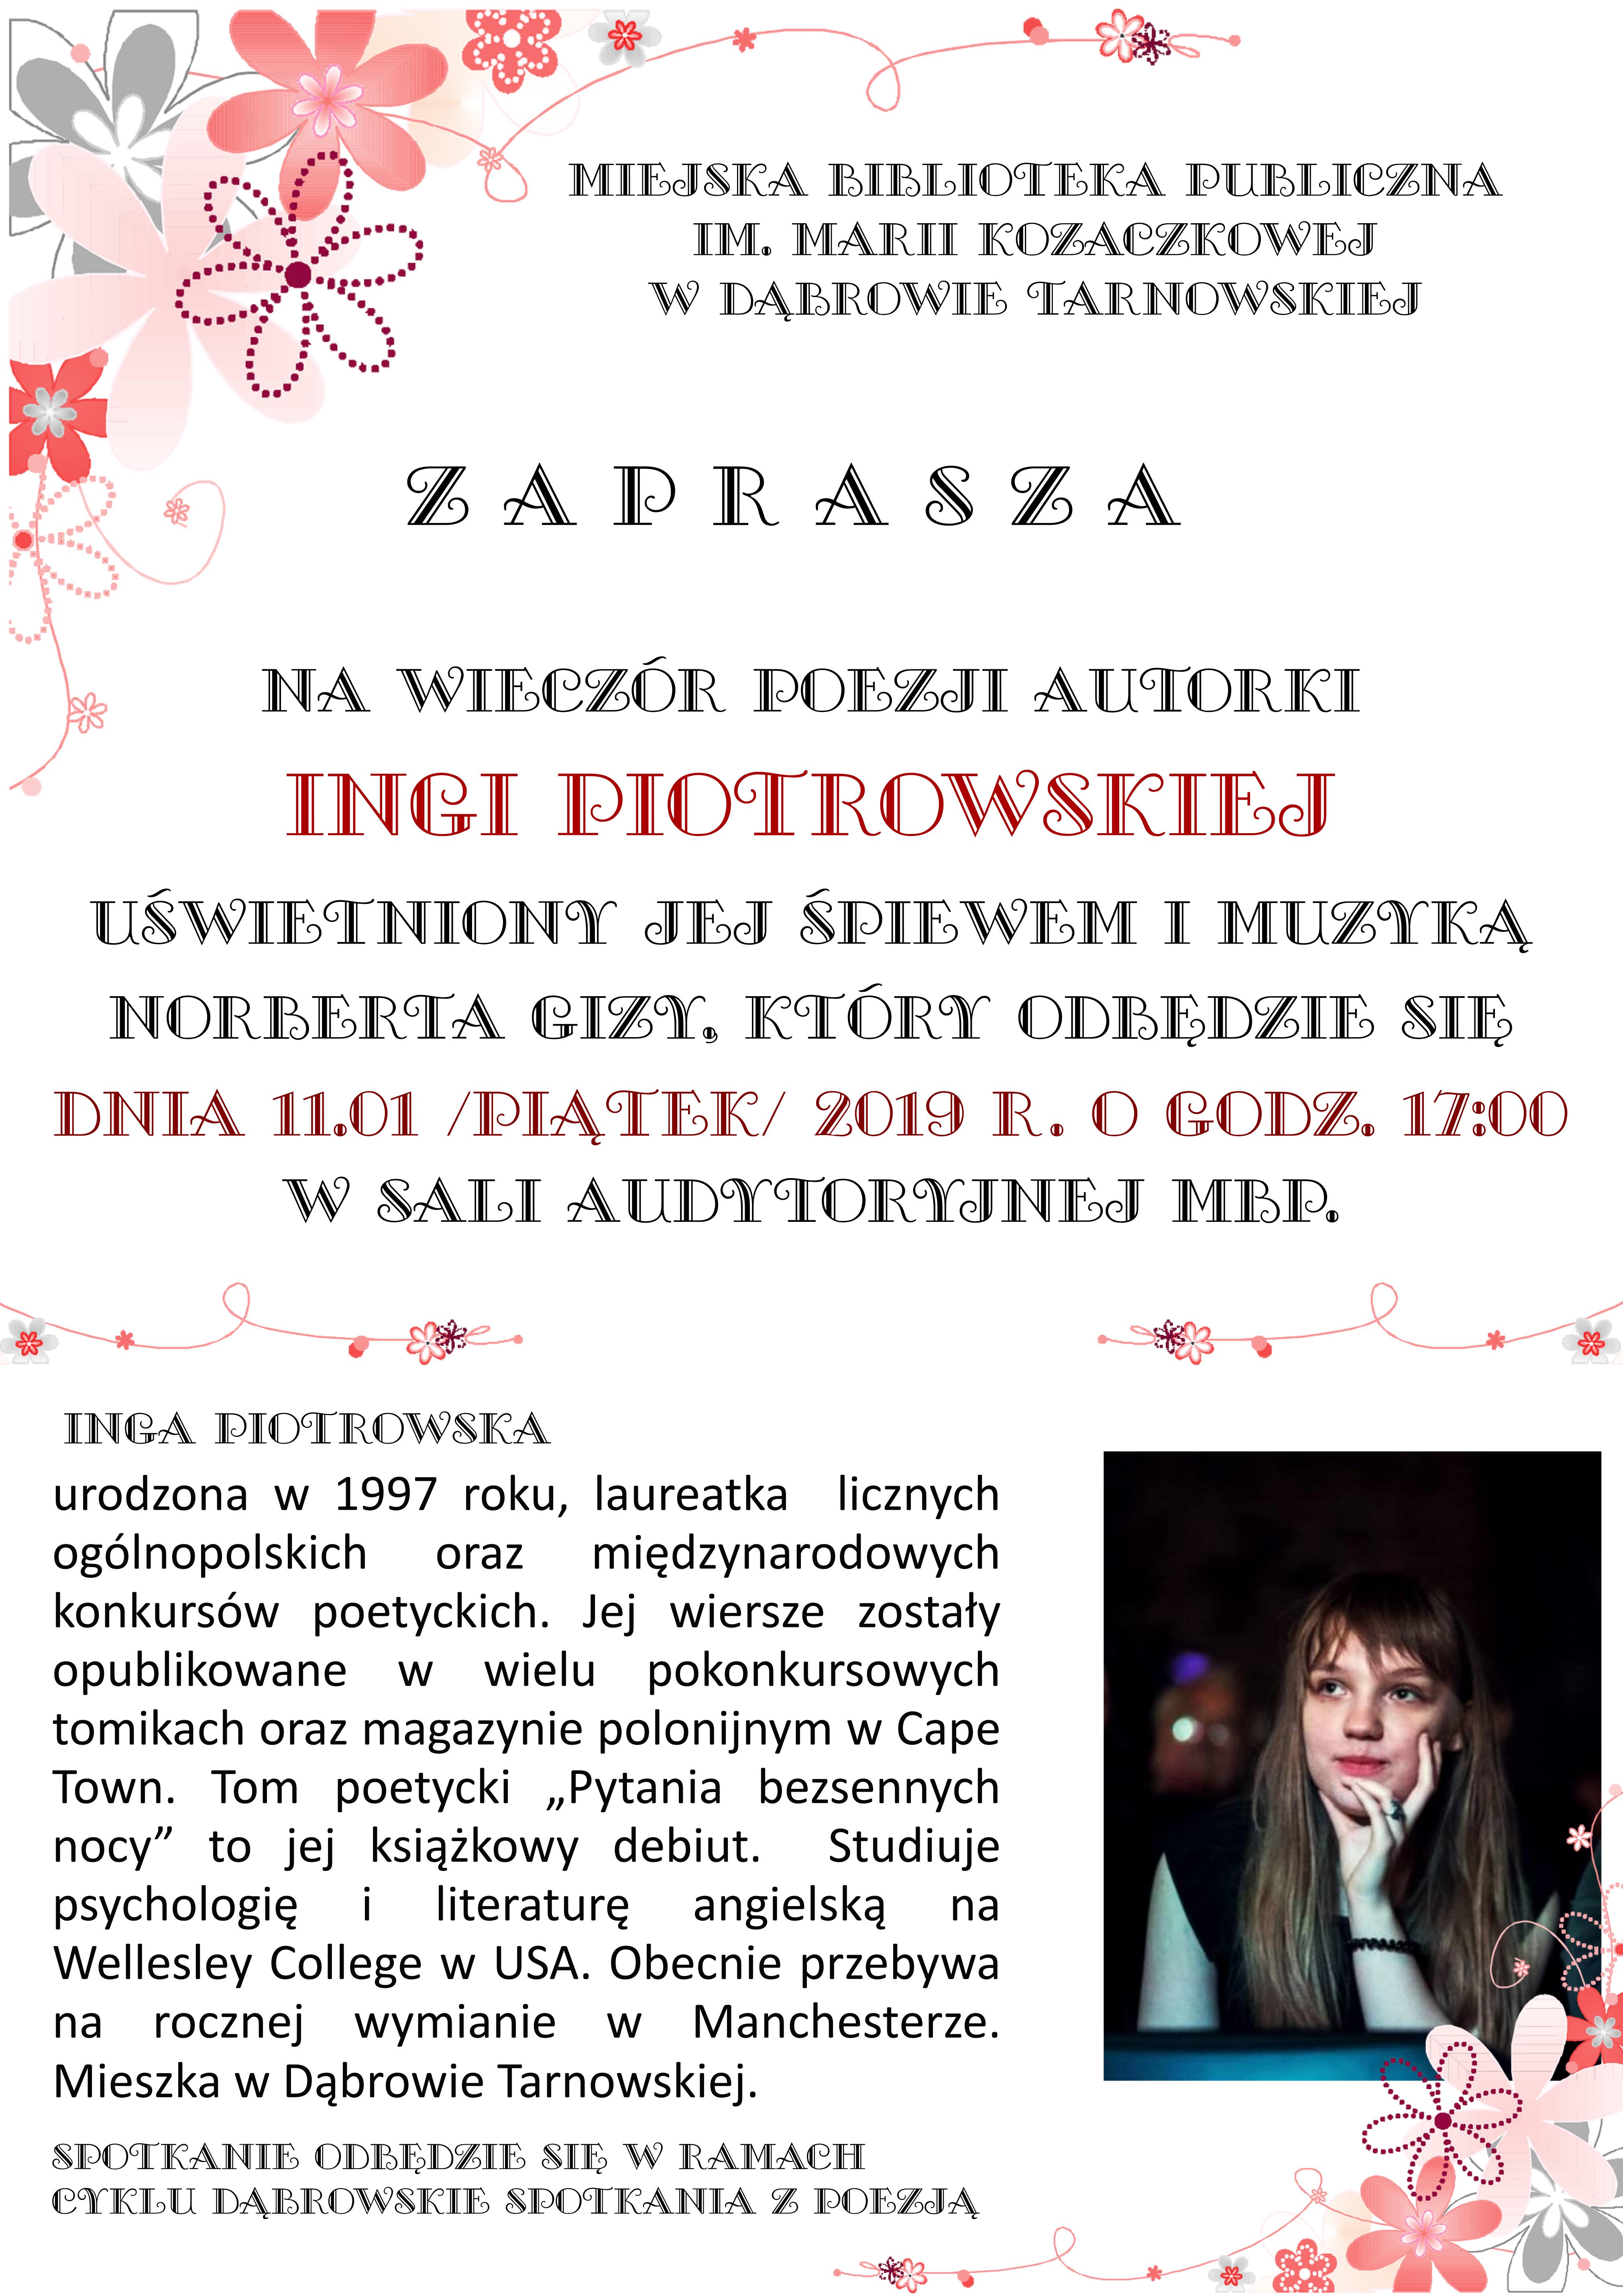 Zaproszenie Na Wieczór Poezji Ingi Piotrowskiej Dąbrowa Tarnowska